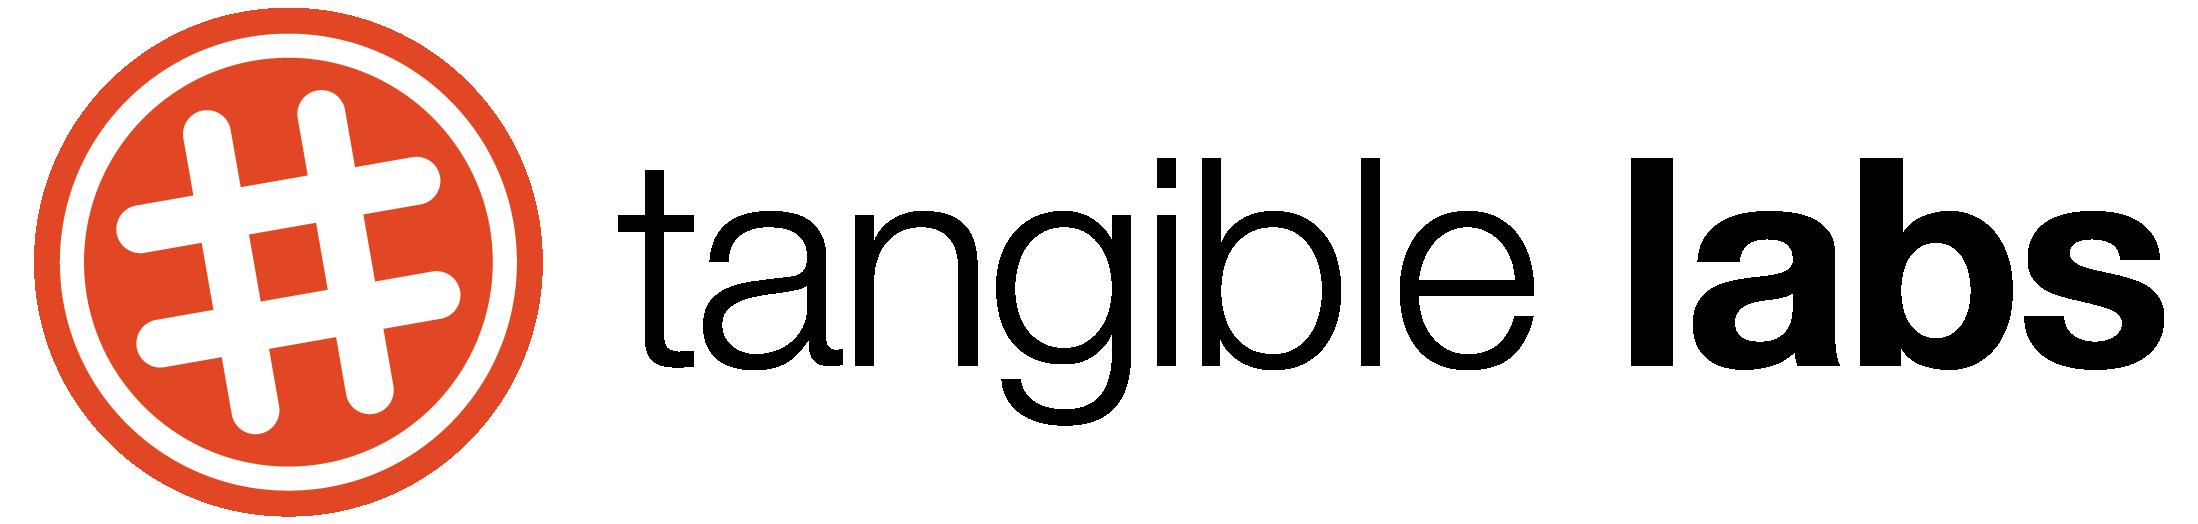 tangiblelabs-logo-01